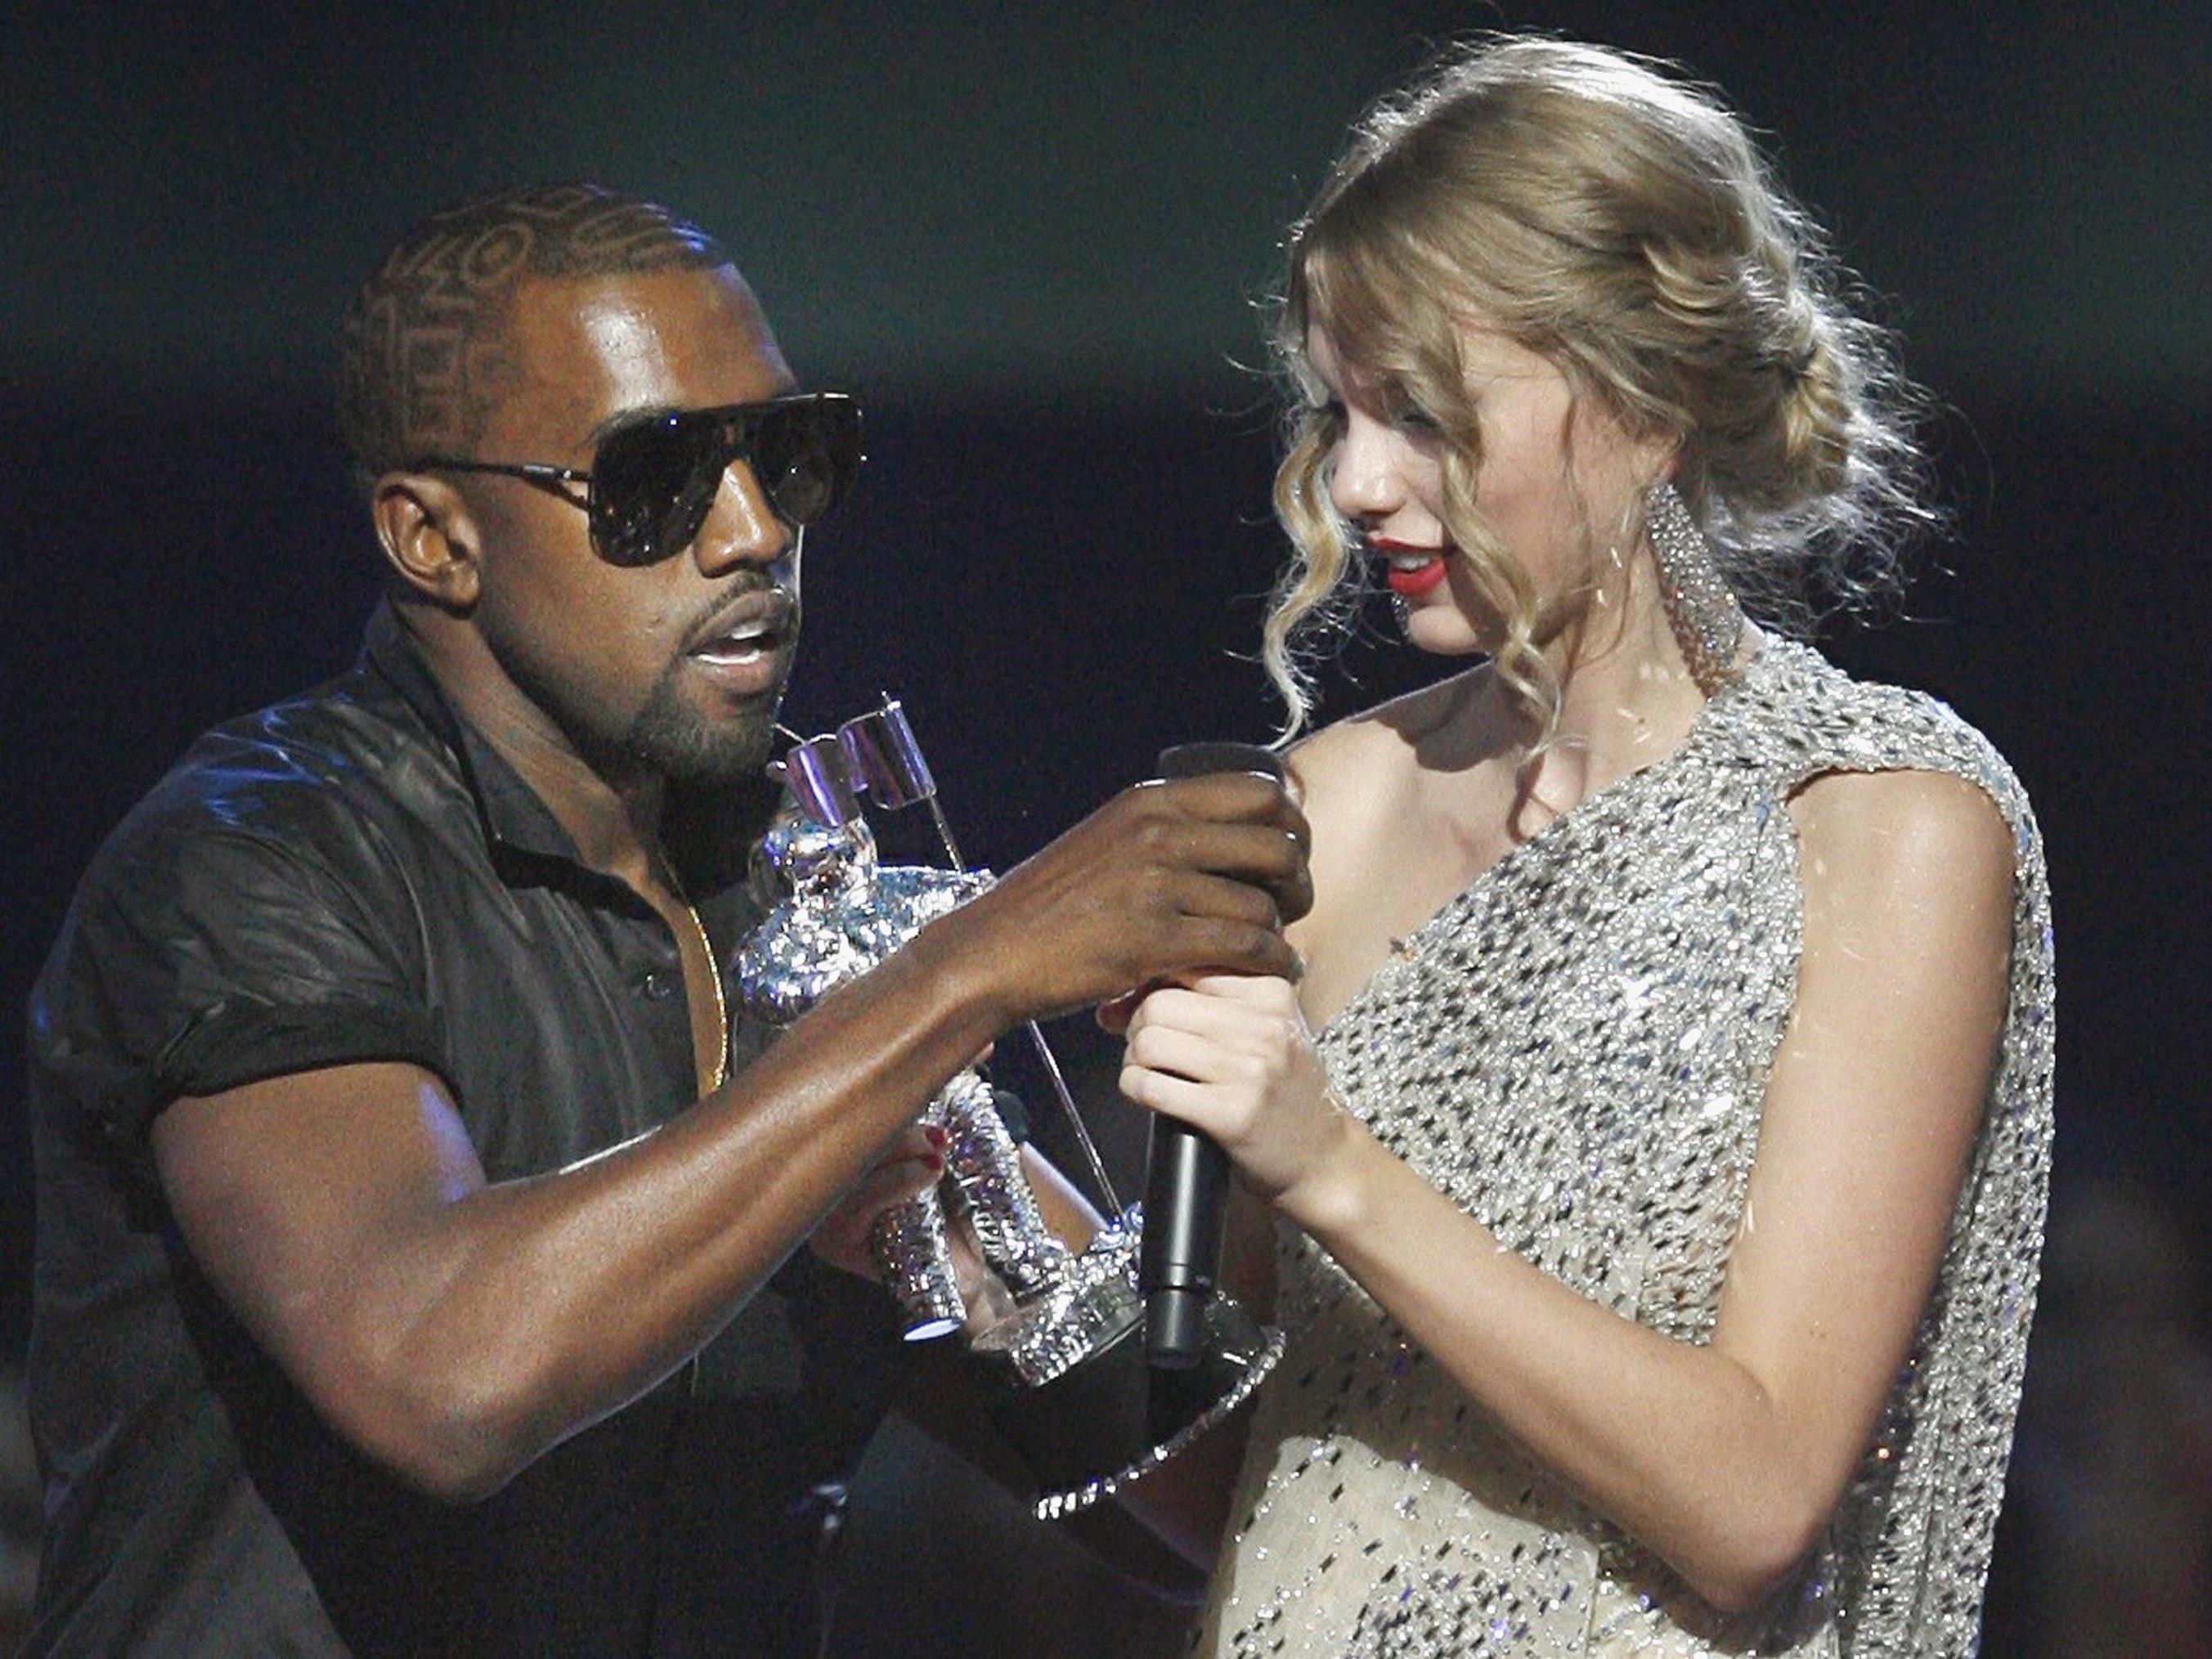 Der Beginn des Streis: Die MTV Video Music Awards 2009